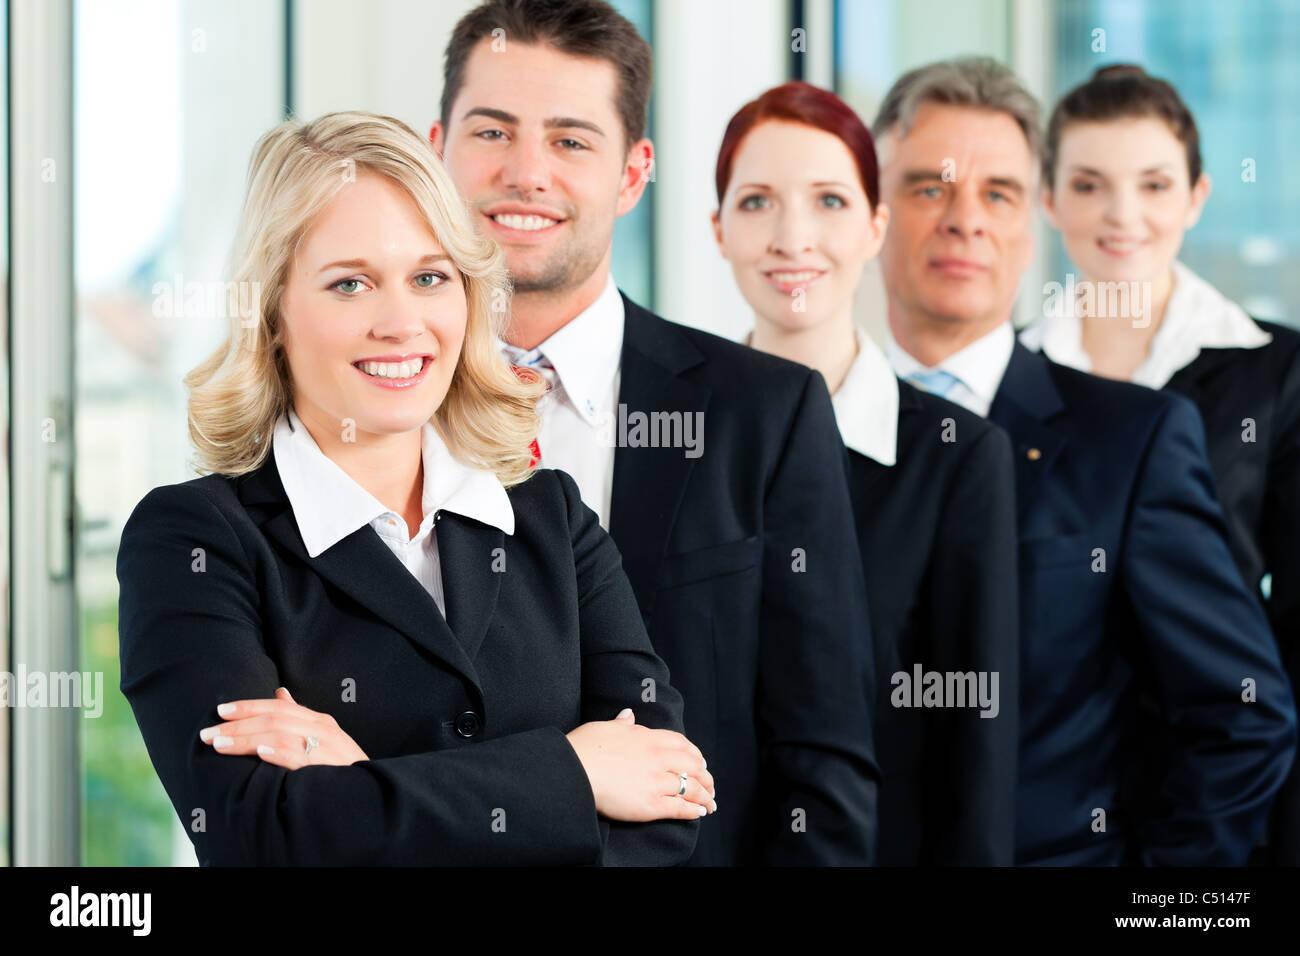 - Equipo de negocios en una oficina; cinco colegas o profesionales en una fila Imagen De Stock